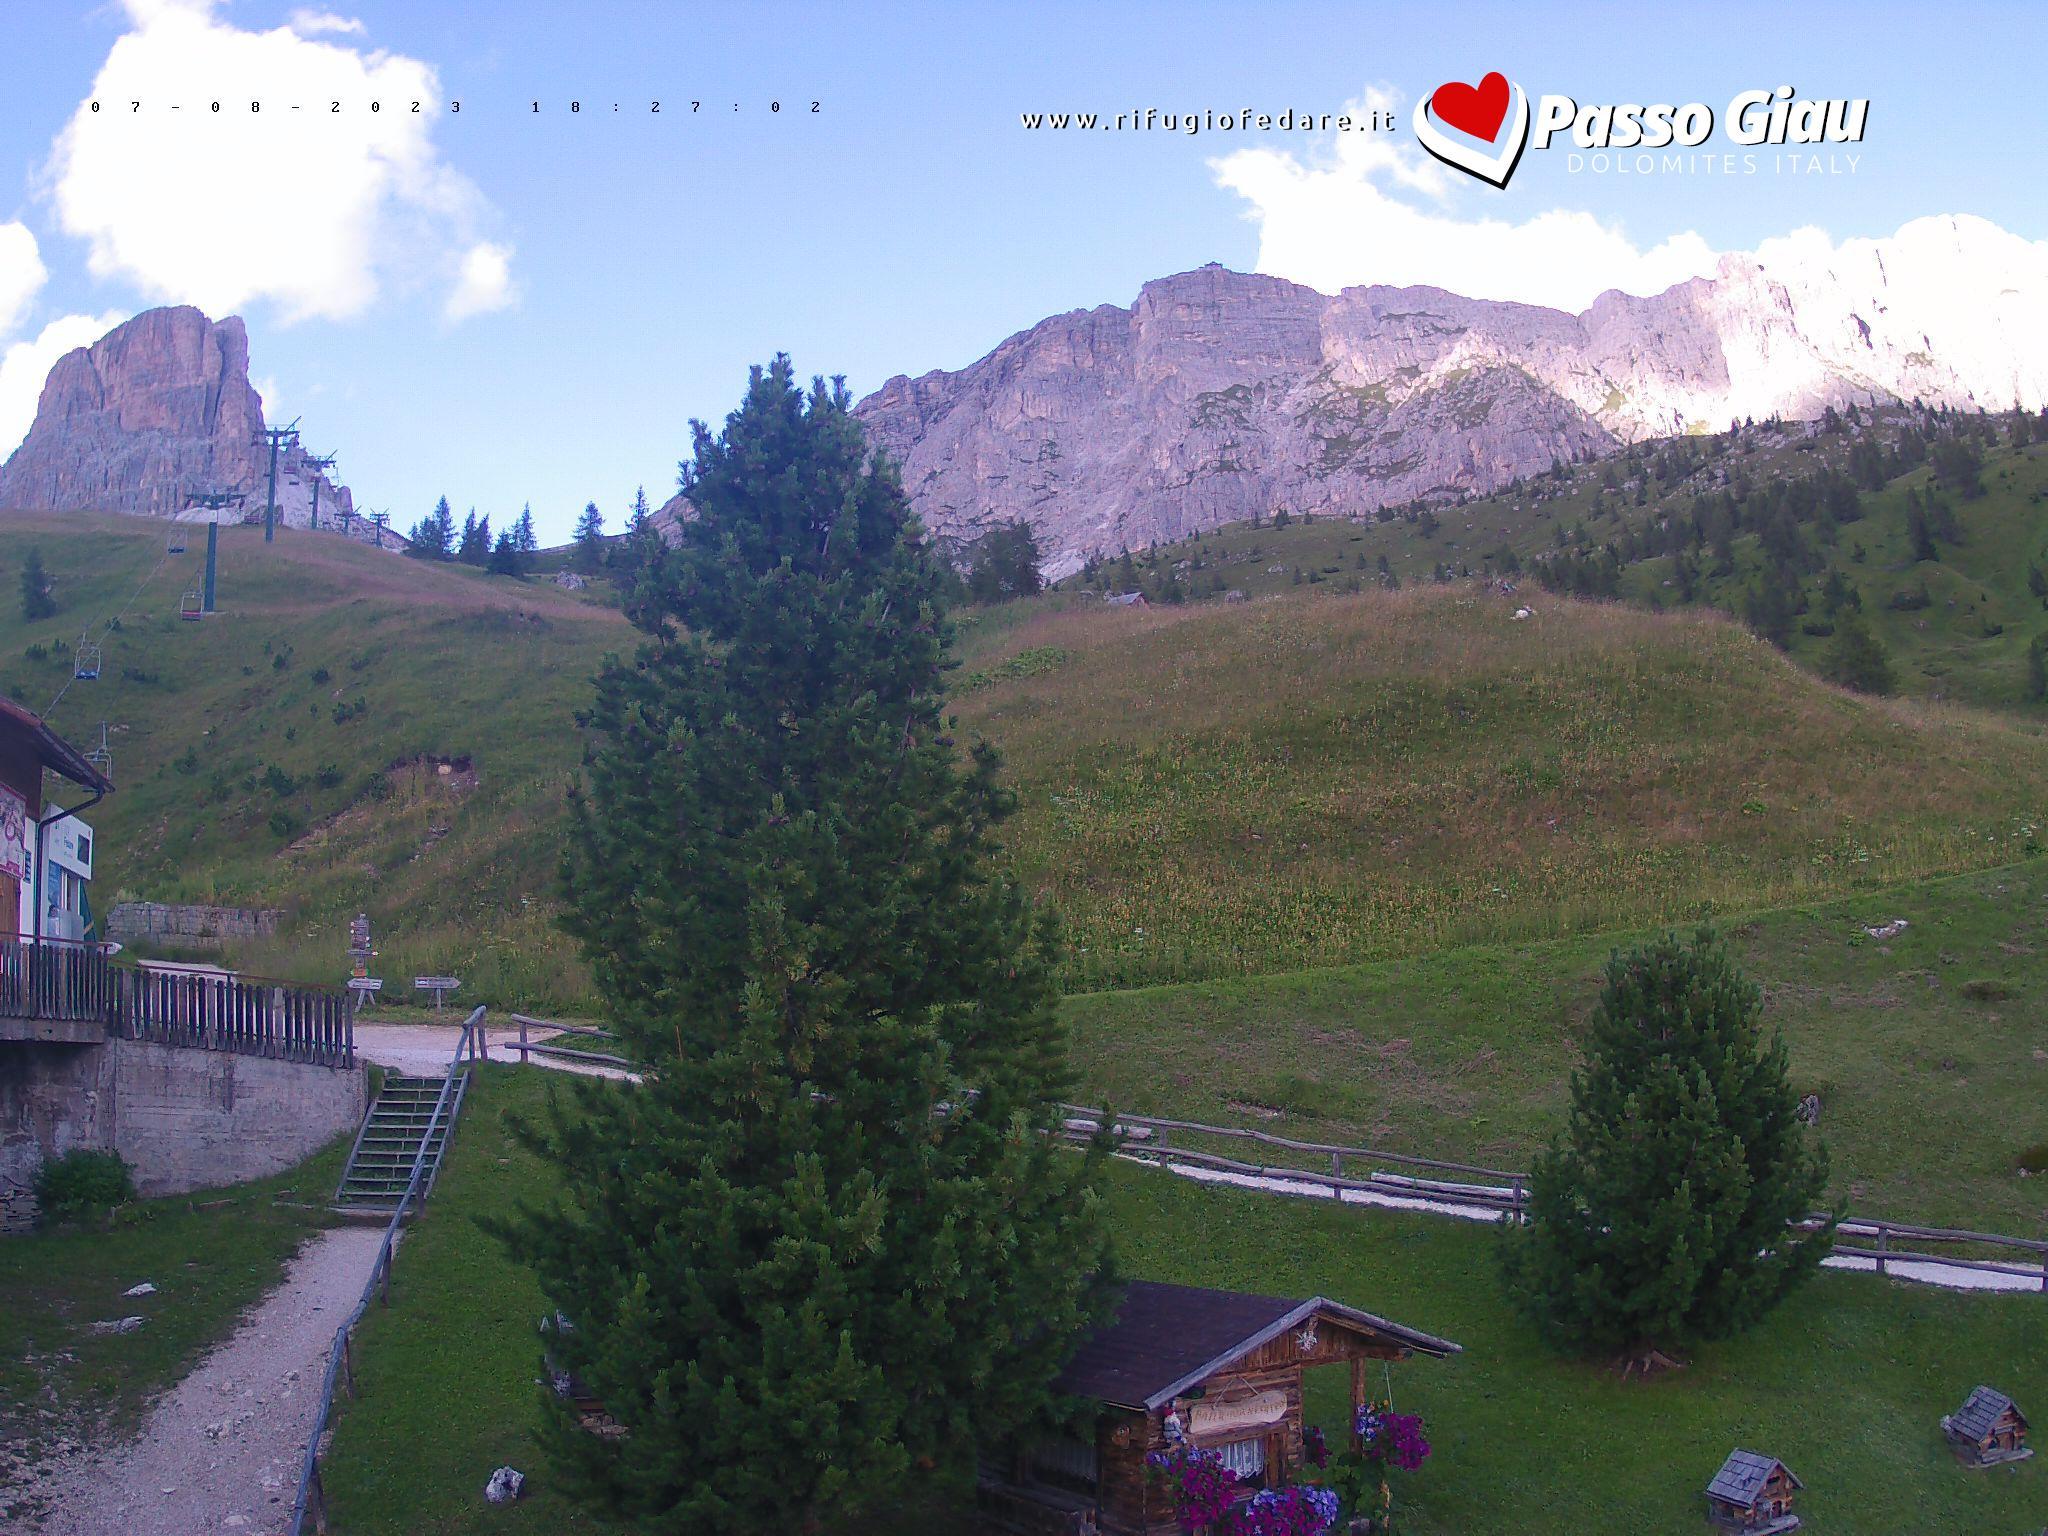 Passo Giau – Averau – Rifugio Fedare webcam